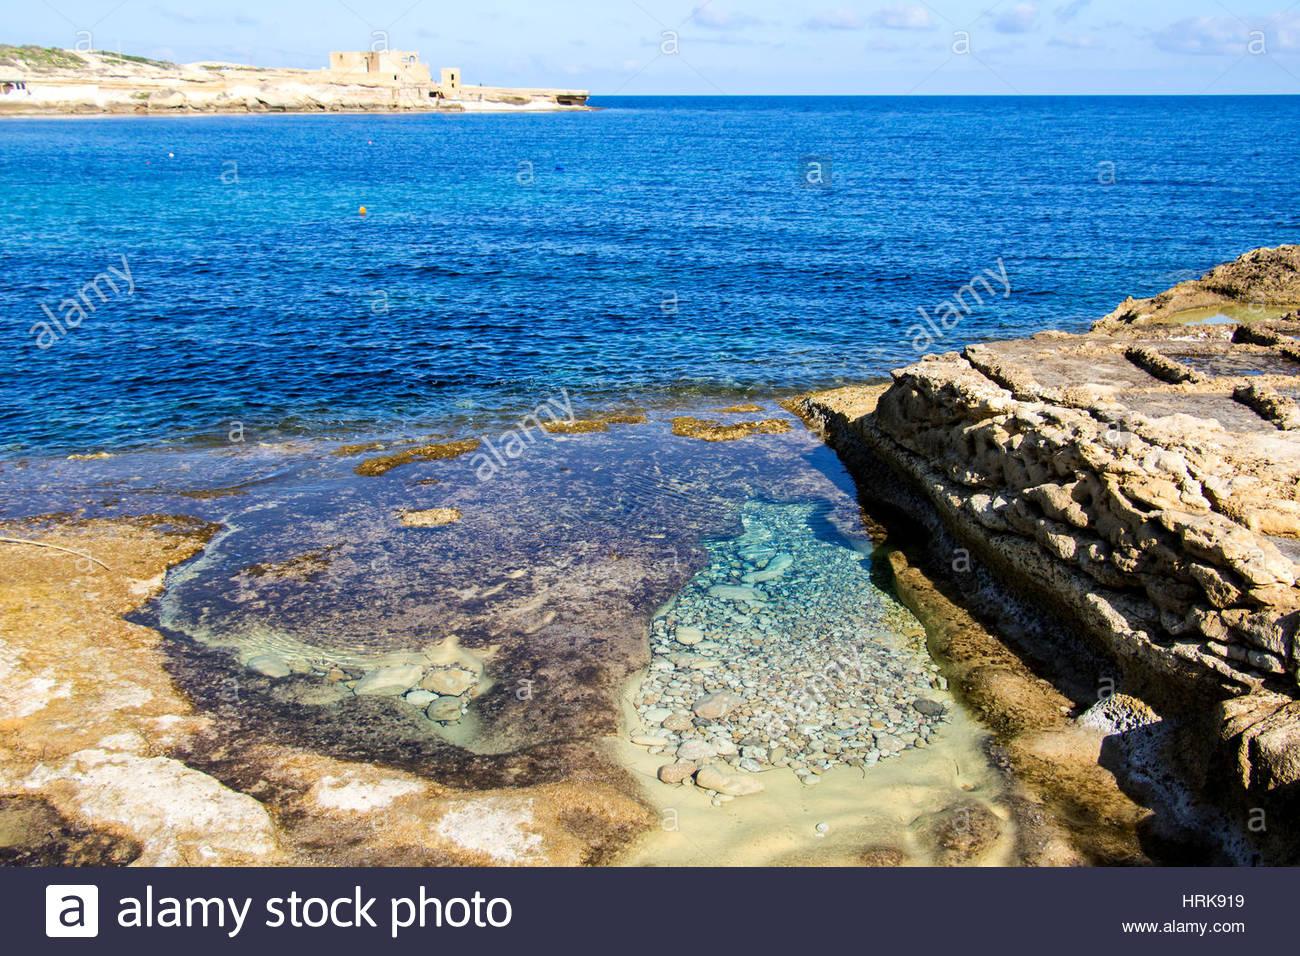 Vue sur la côte méditerranéenne de Gozo, Malte. Bleu profond, l'eau claire un vaste océan Photo Stock